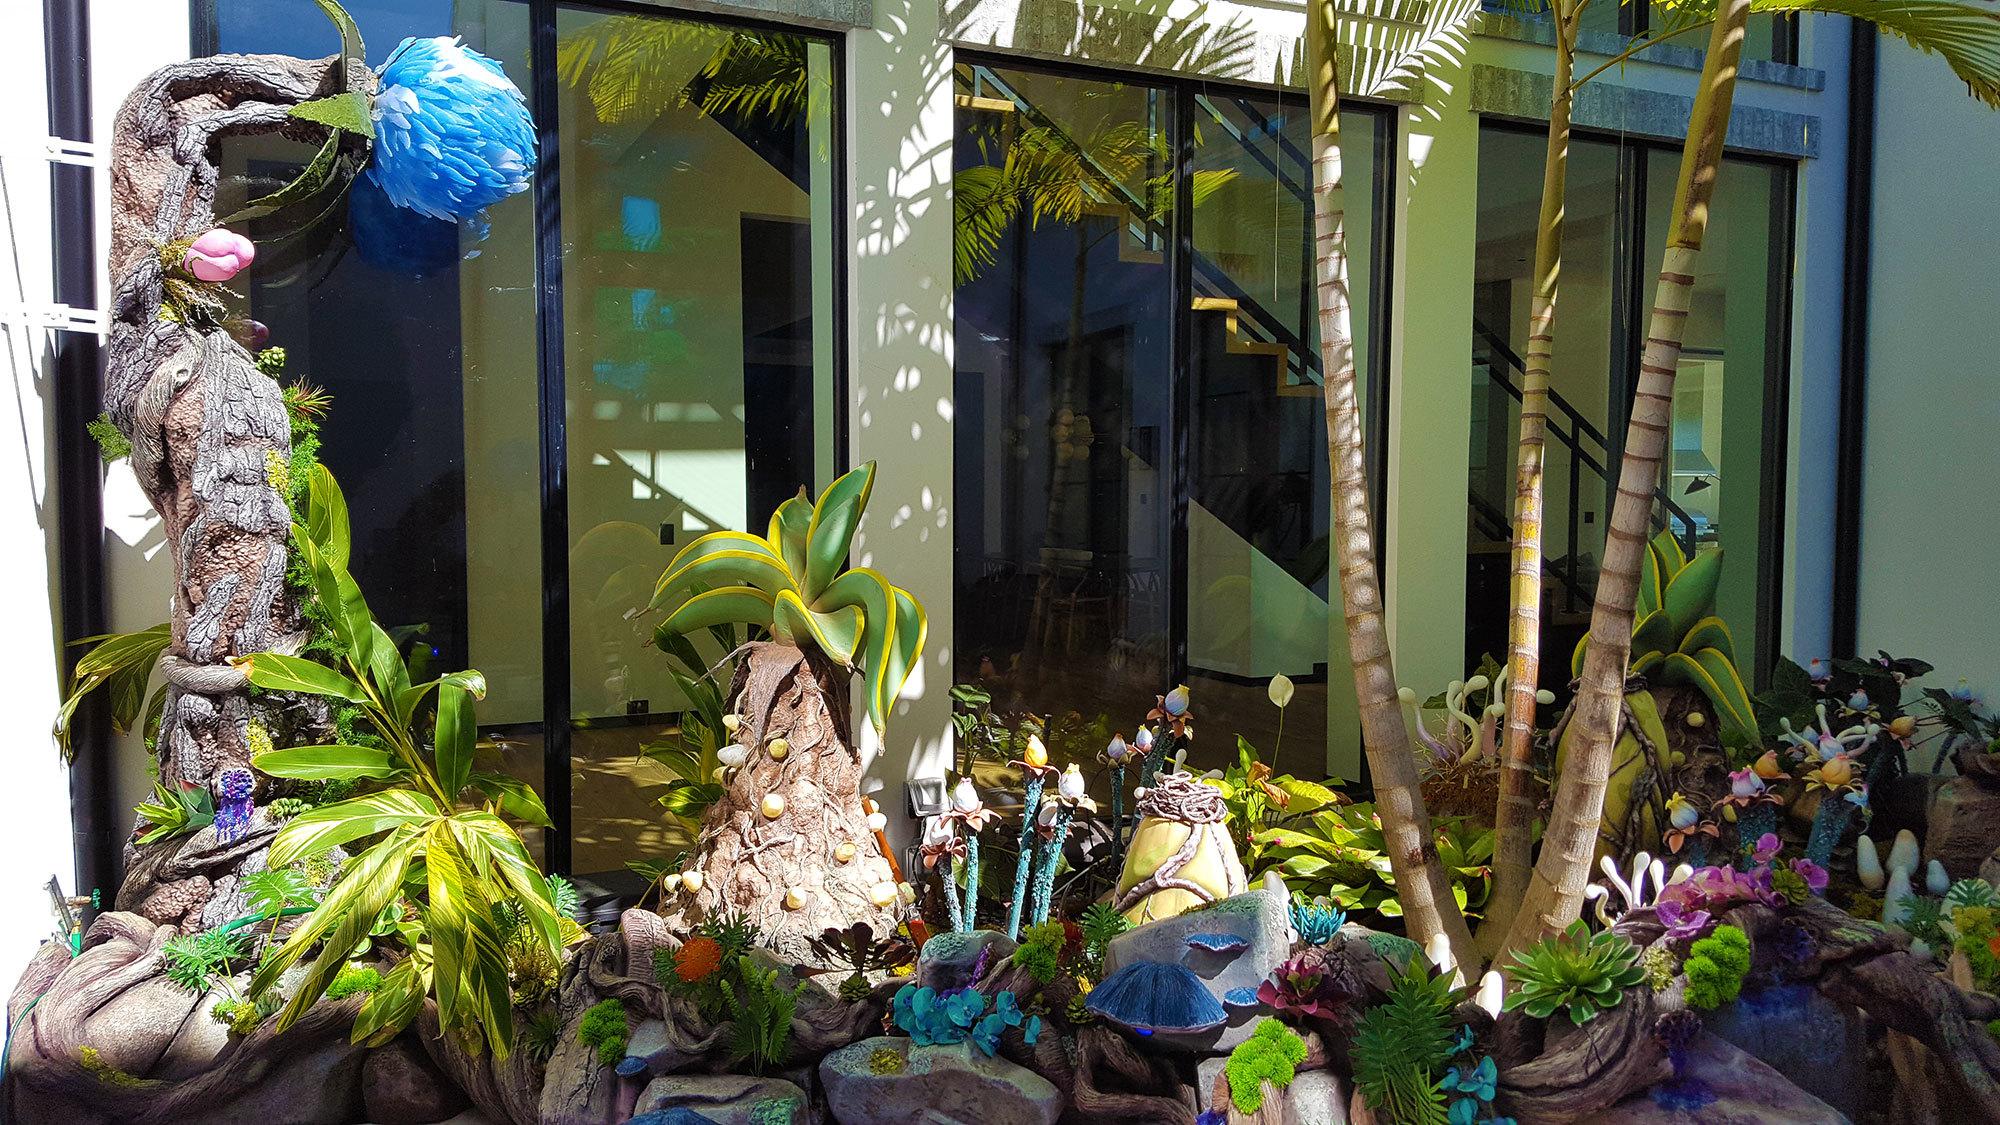 Fantasy Garden in Florida Residential Home